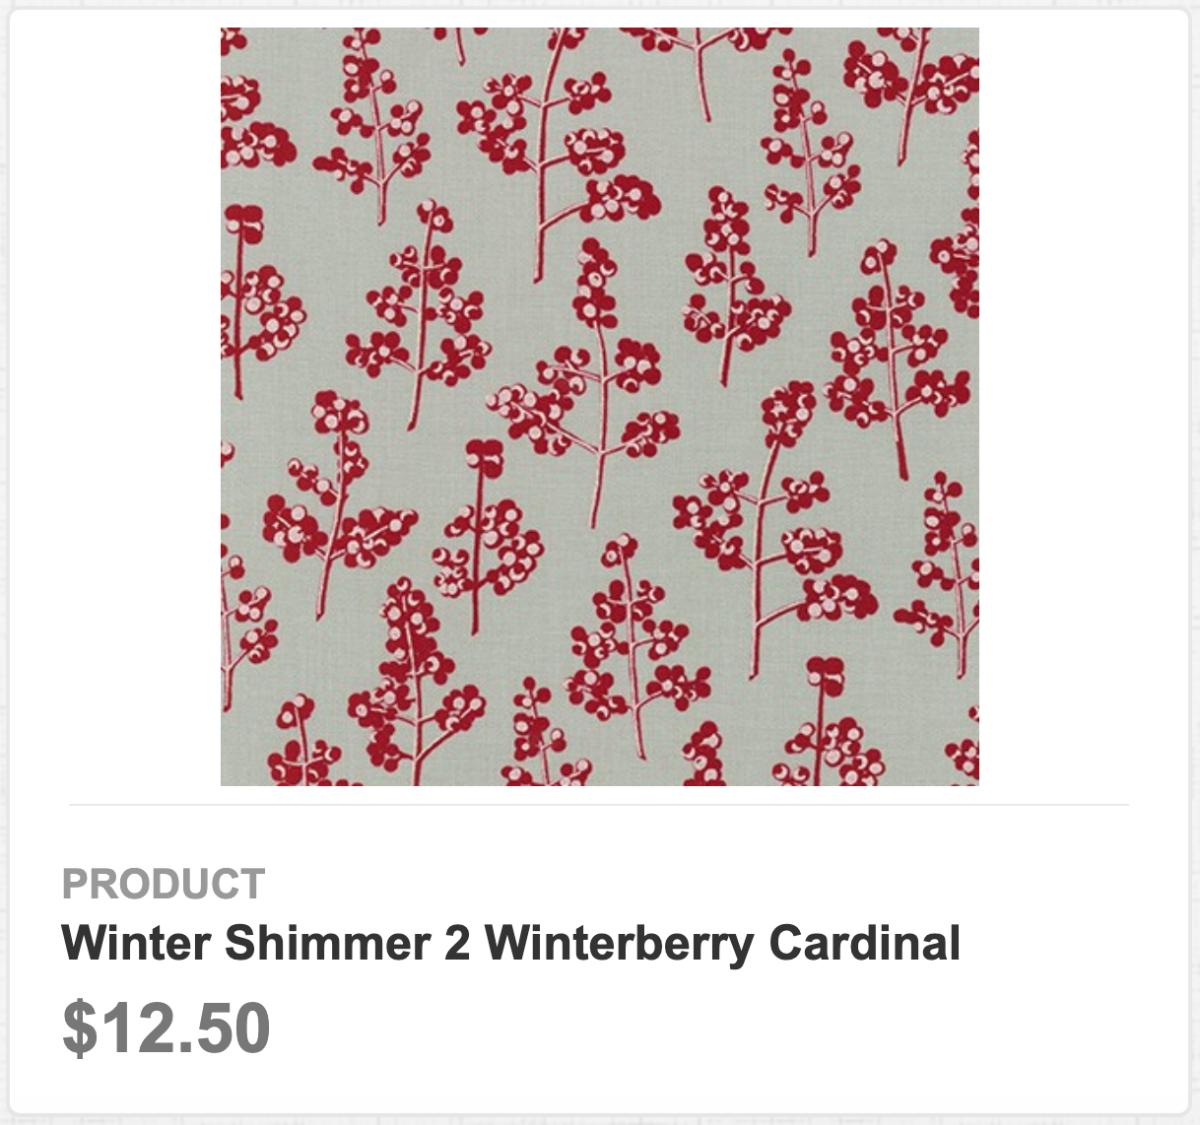 Winter Shimmer 2 Winterberry Cardinal